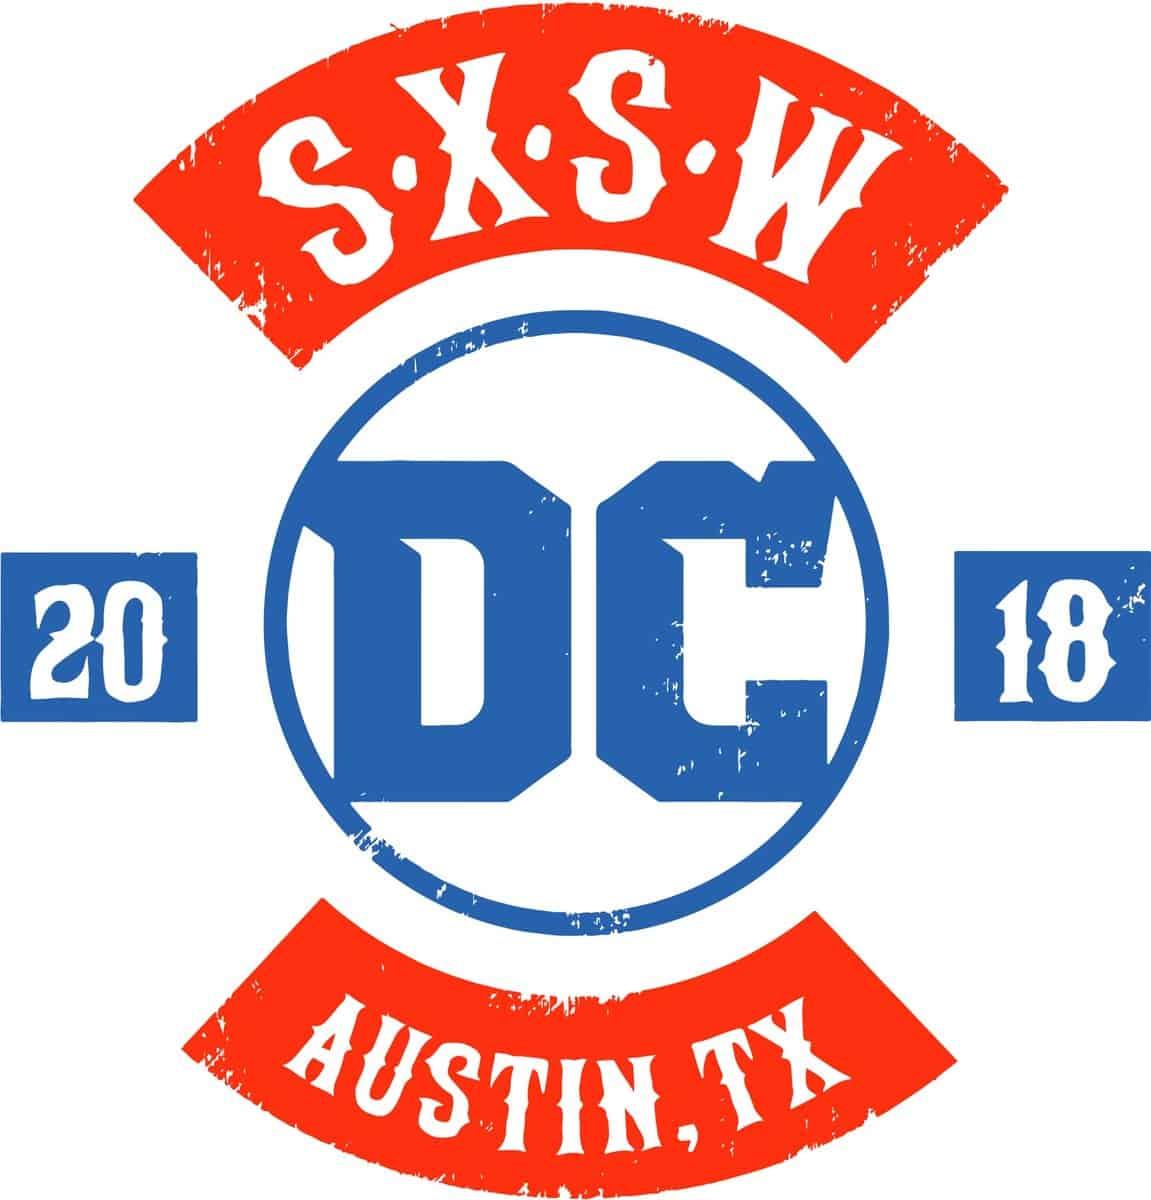 DCSXSW MAIN LOGO R5V1 COLOR 5a983ebbb0a208.01812629